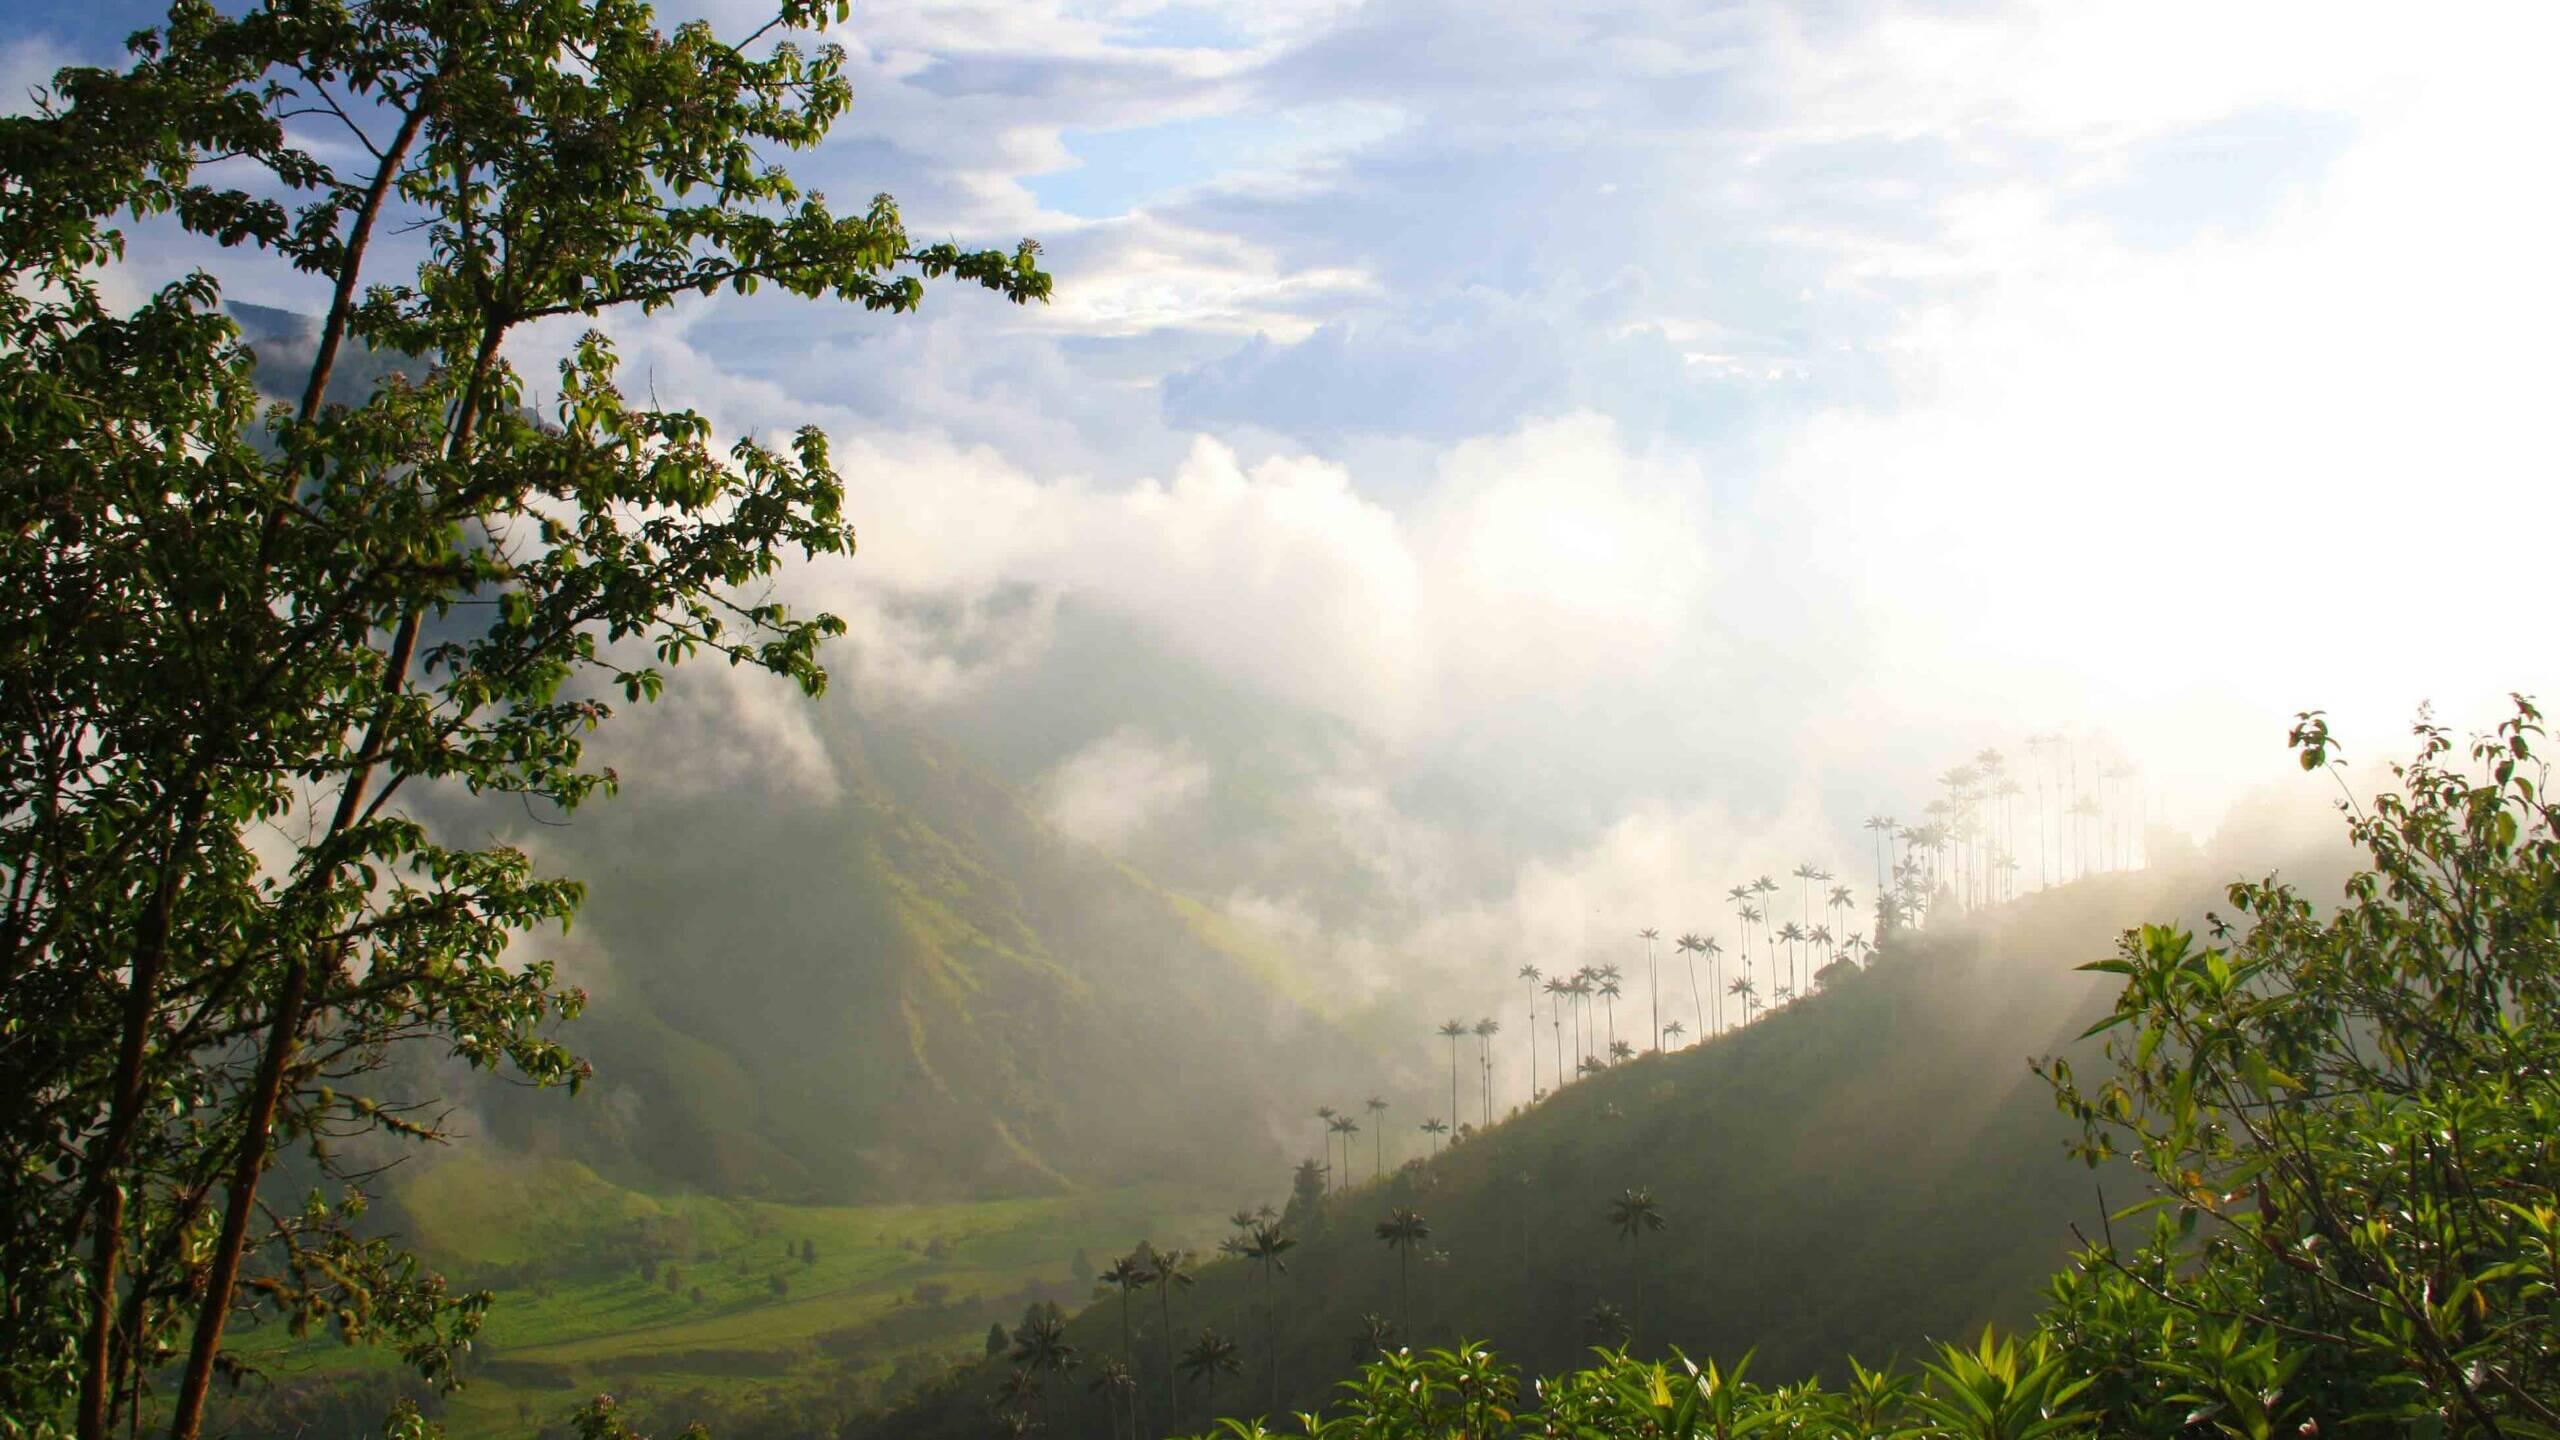 valle del cocora view in Salento Colombia